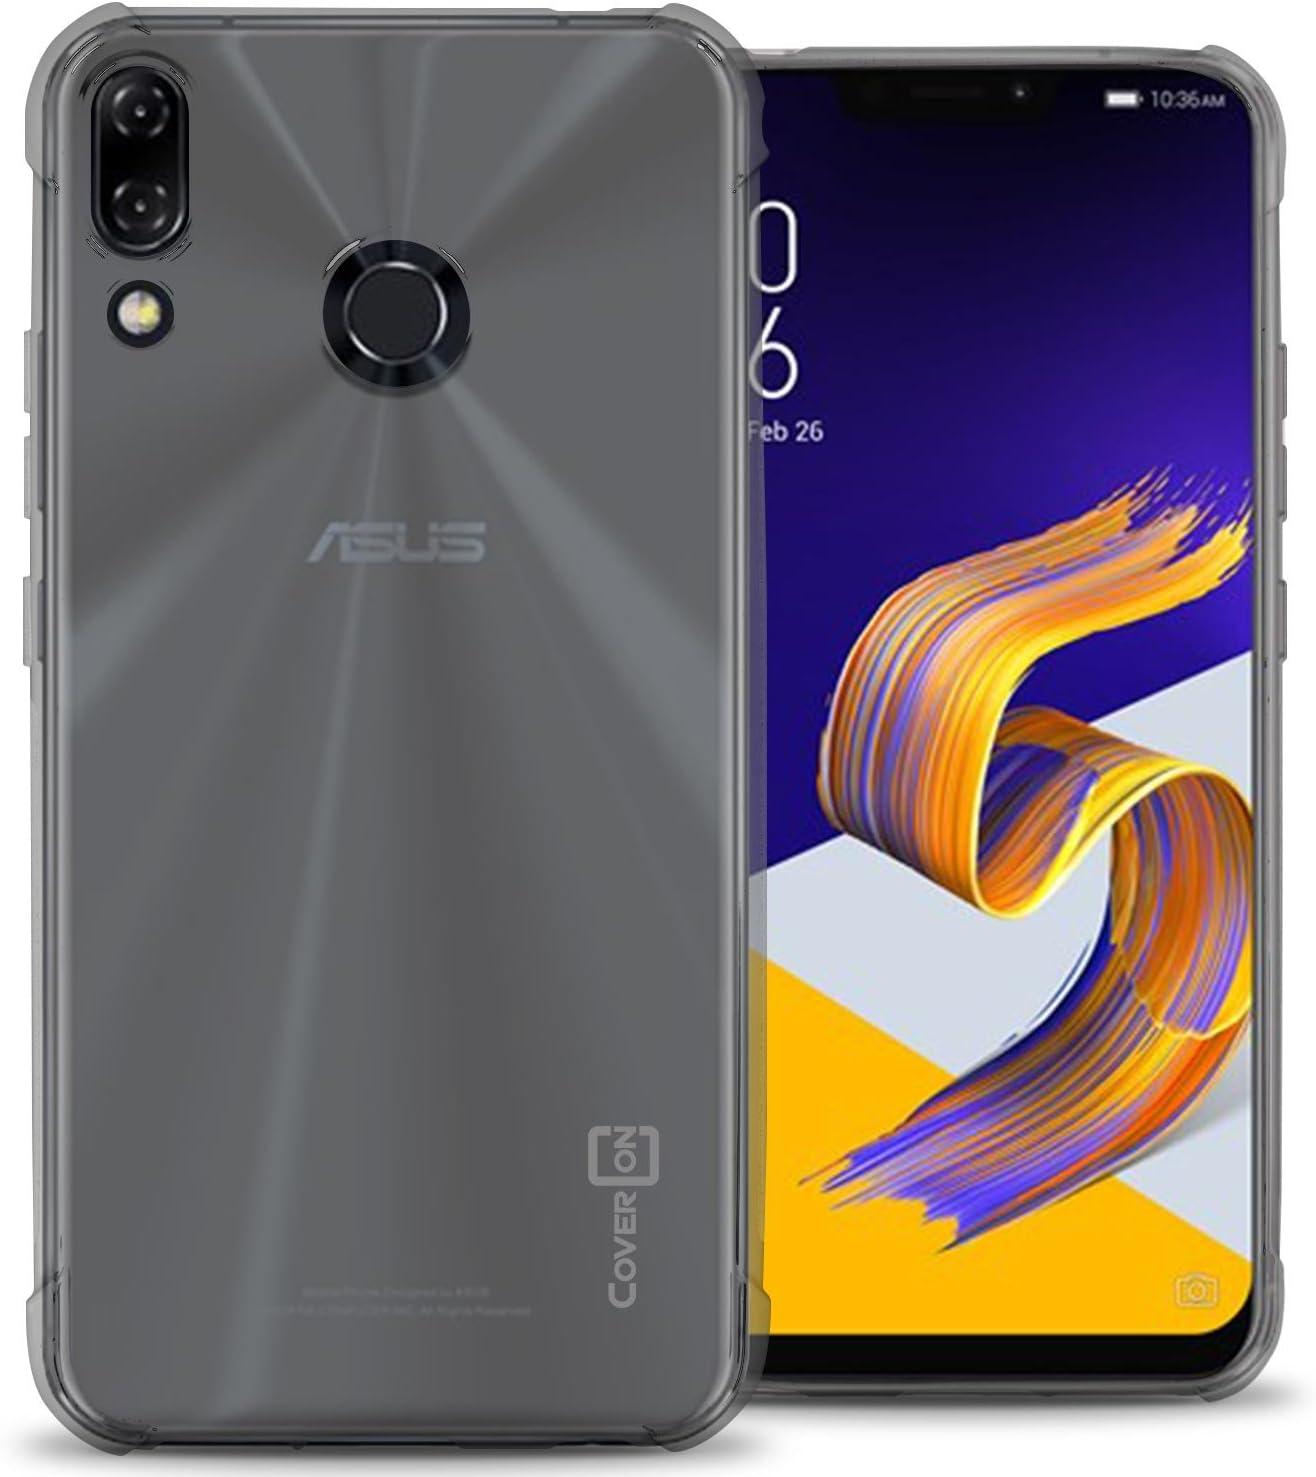 Funda para Asus ZenFone 5, Asus ZenFone 5Z, CoverON FlexGuard Series Slim Fit TPU Funda para teléfono con agarres antideslizantes y amortiguador de esquina para Asus ZenFone 5/ZenFone 5Z (ZS620KL/ZE620KL): Amazon.es: Electrónica